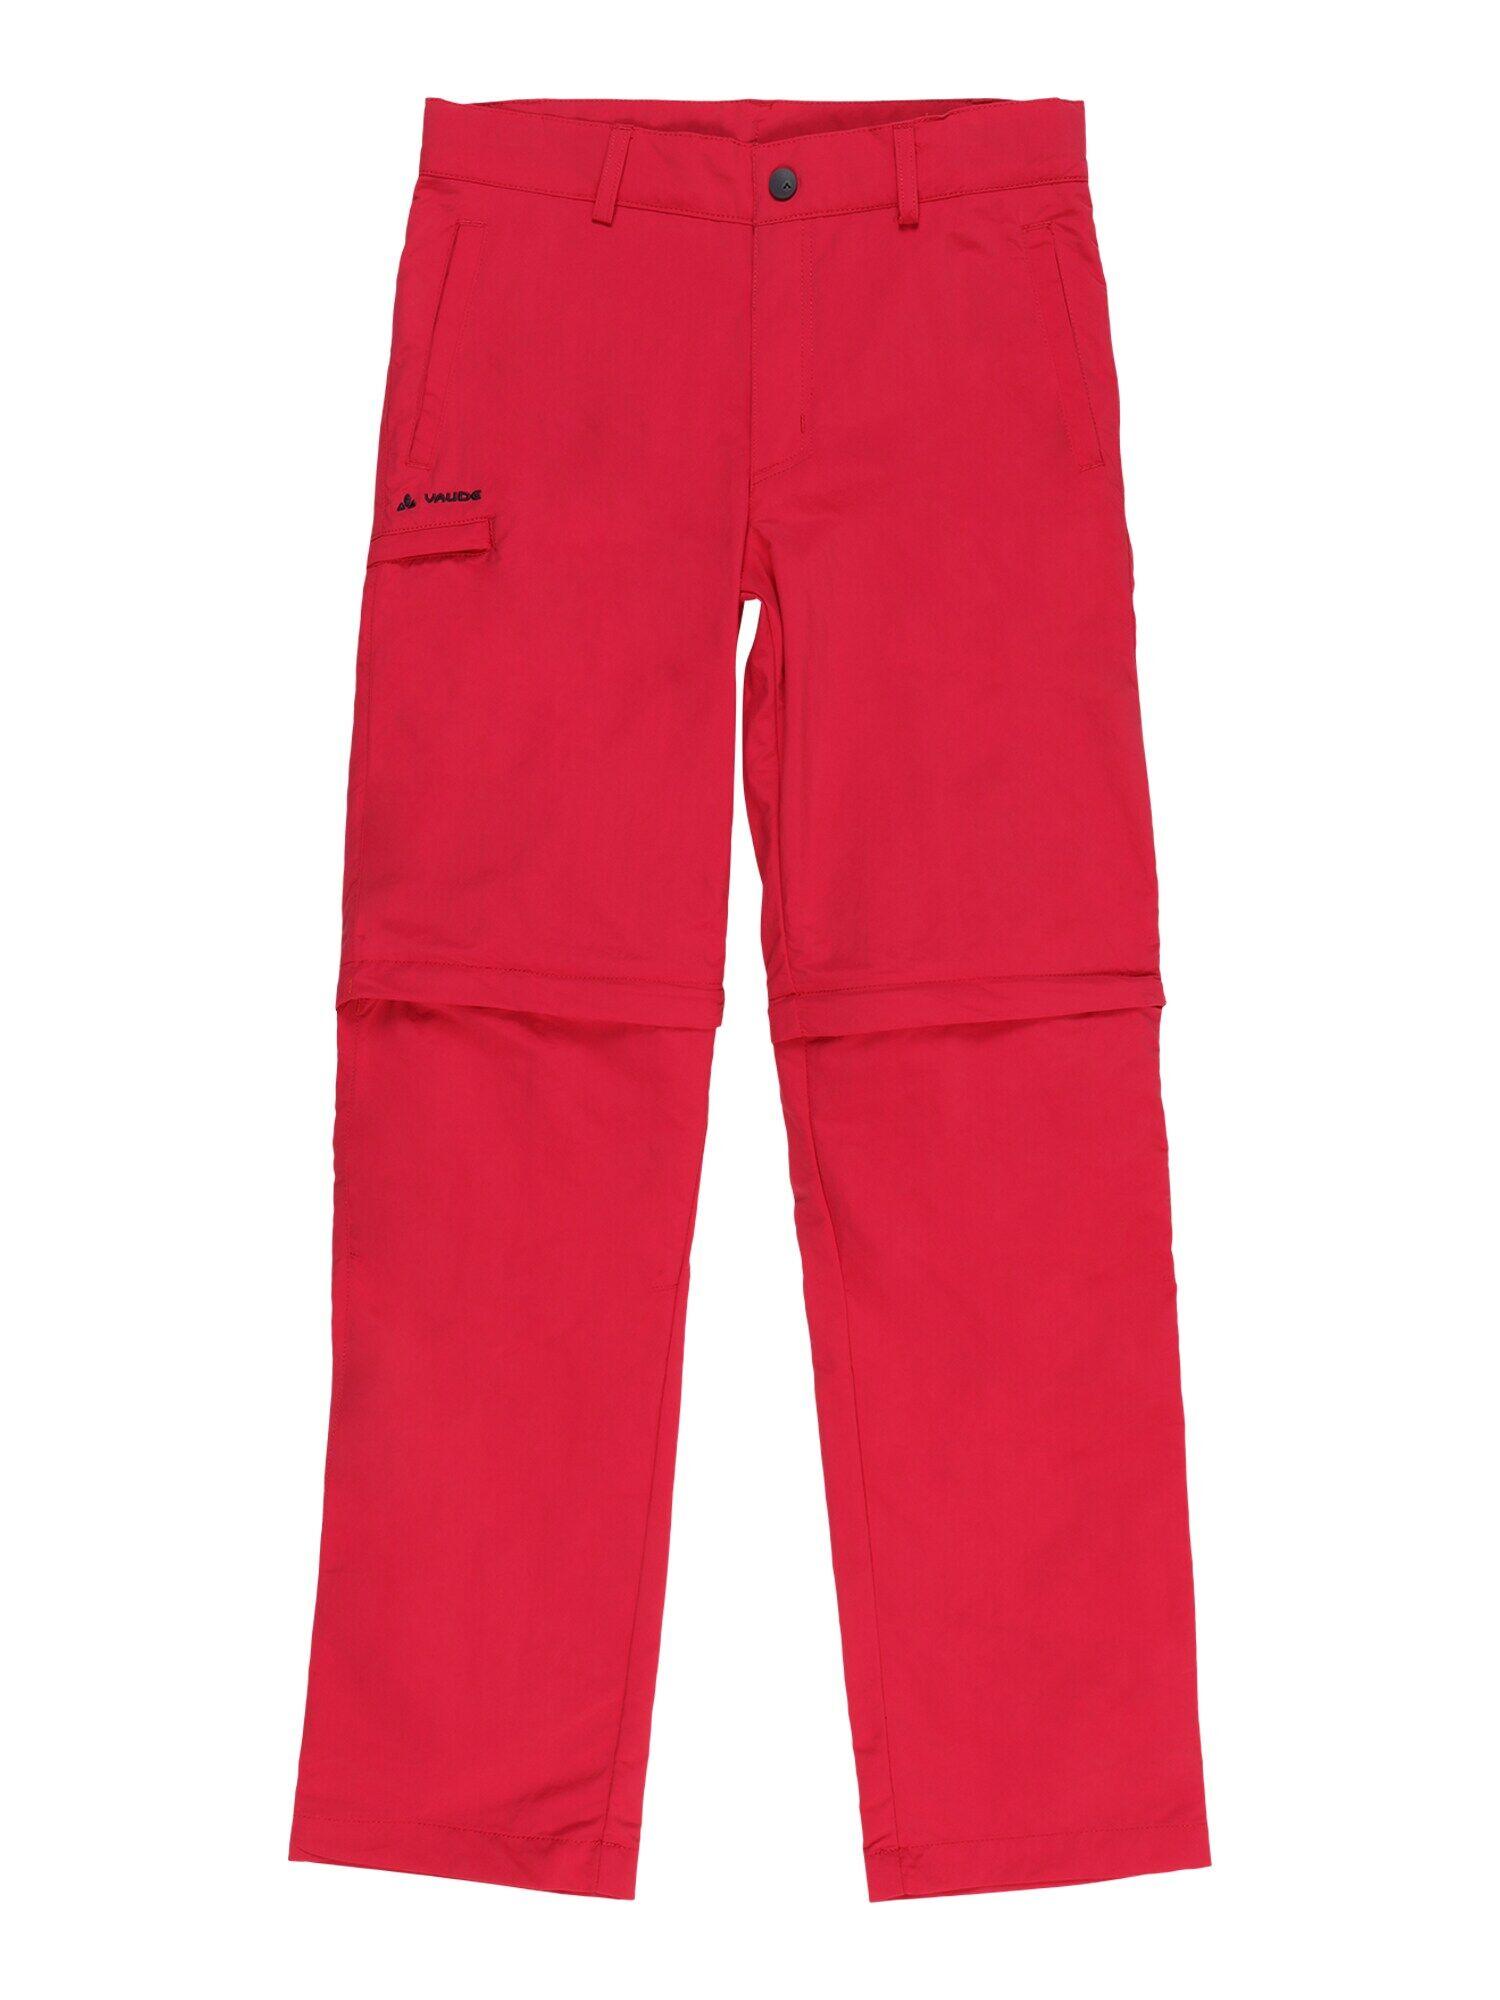 VAUDE Pantalon d'extérieur 'Detective'  - Rouge - Taille: 92 - boy